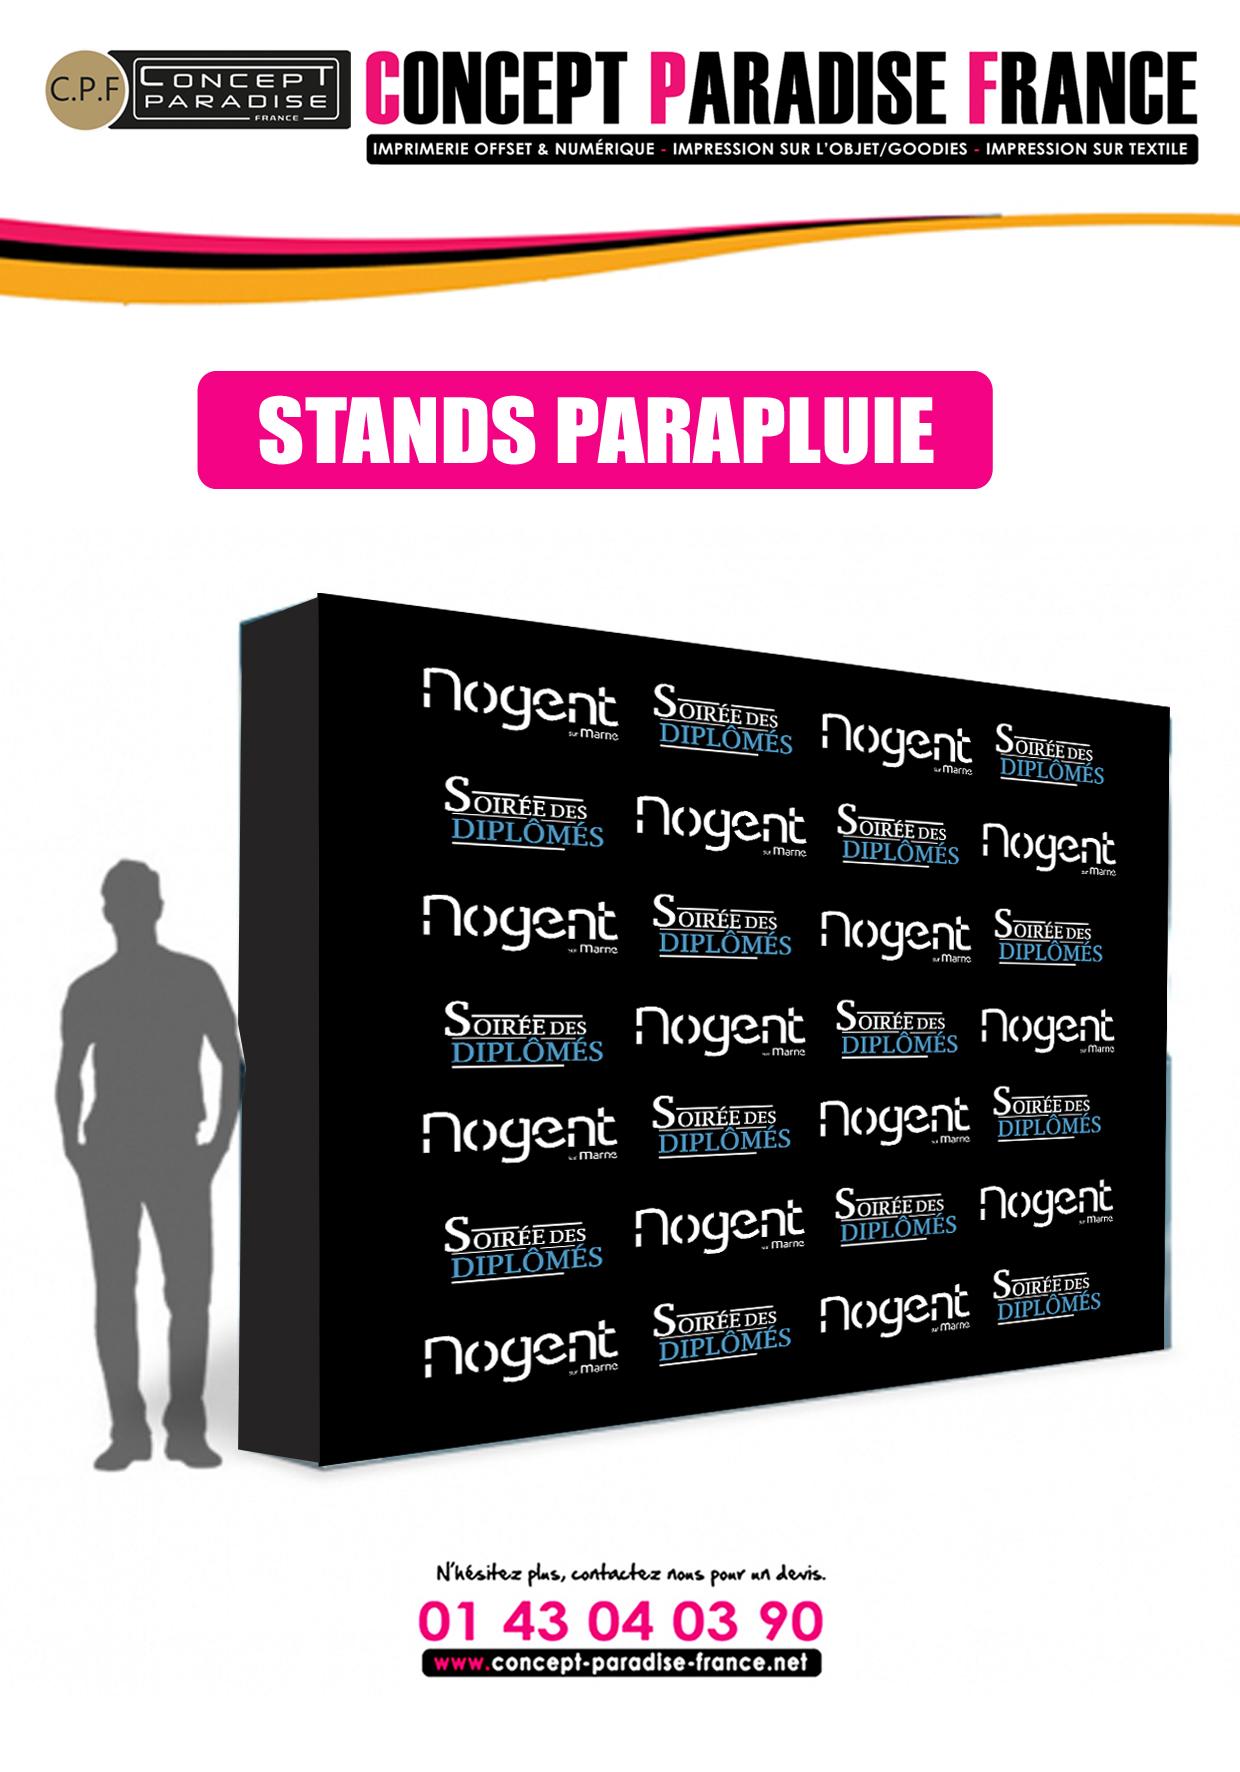 STANDS PARAPLUIE